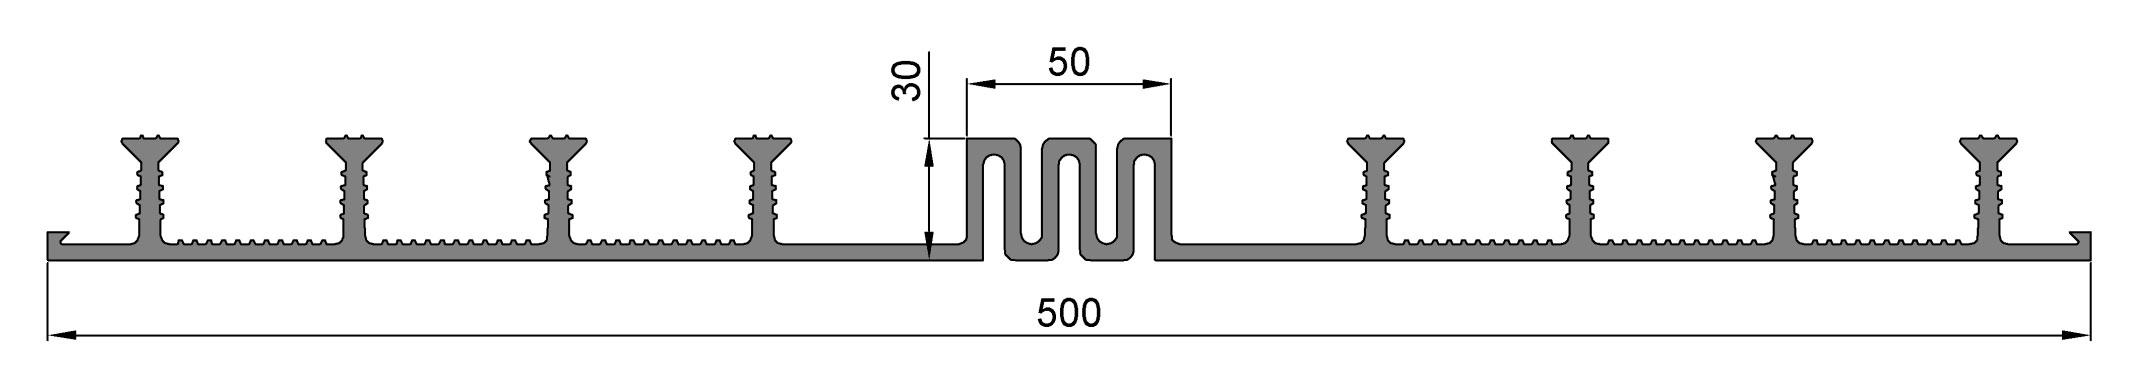 Гидрошпонка ОД-500-50, ПВХ-П, ширина 500 мм, шов 50 мм